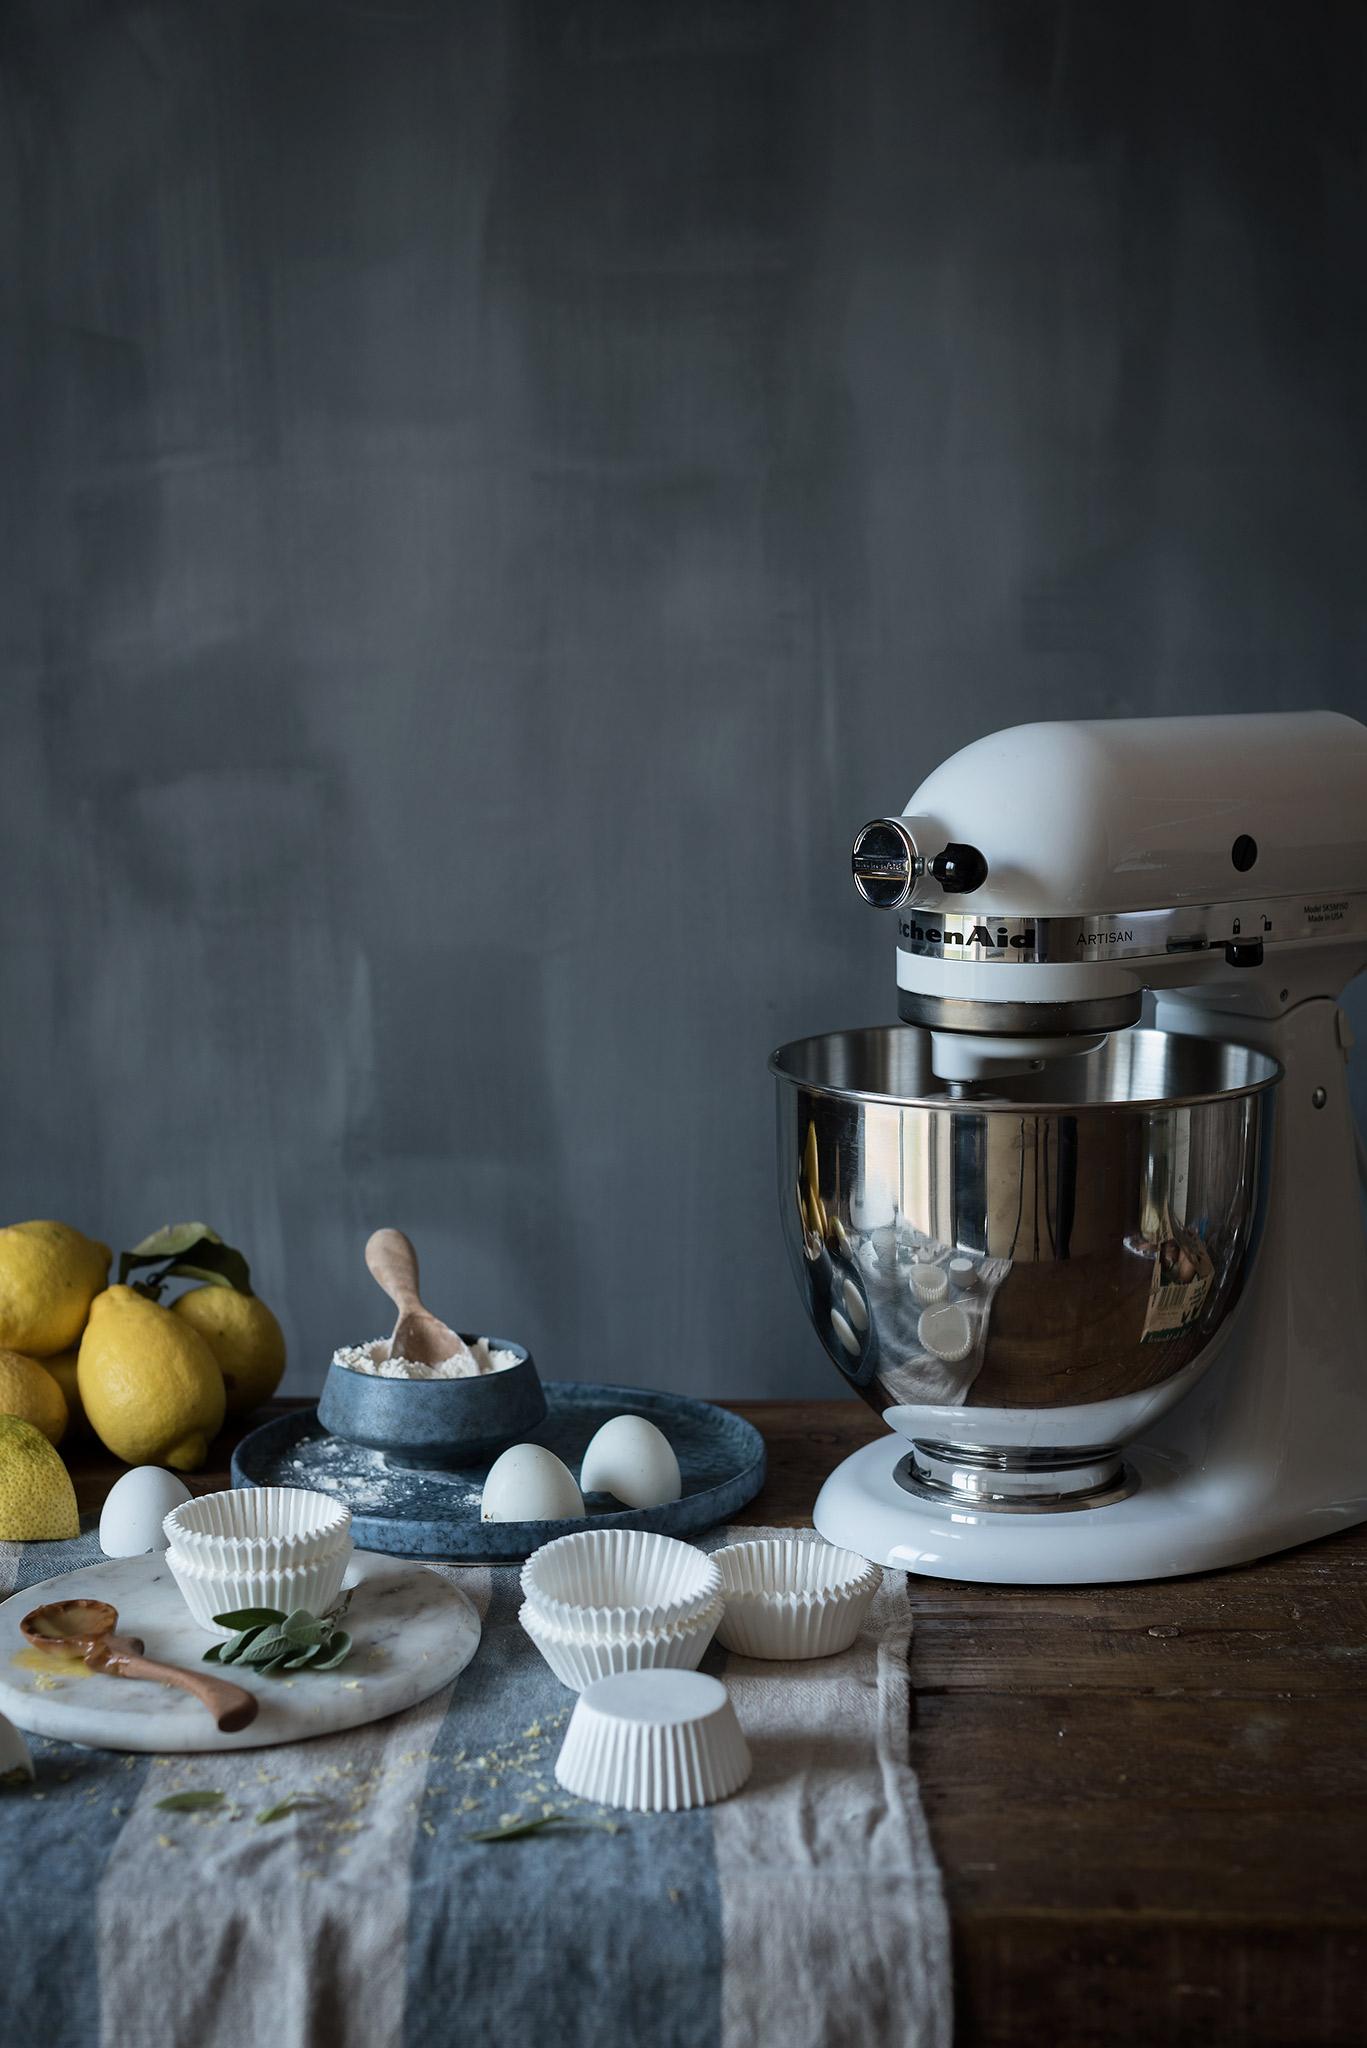 Herramientas para hacer la crema de limón